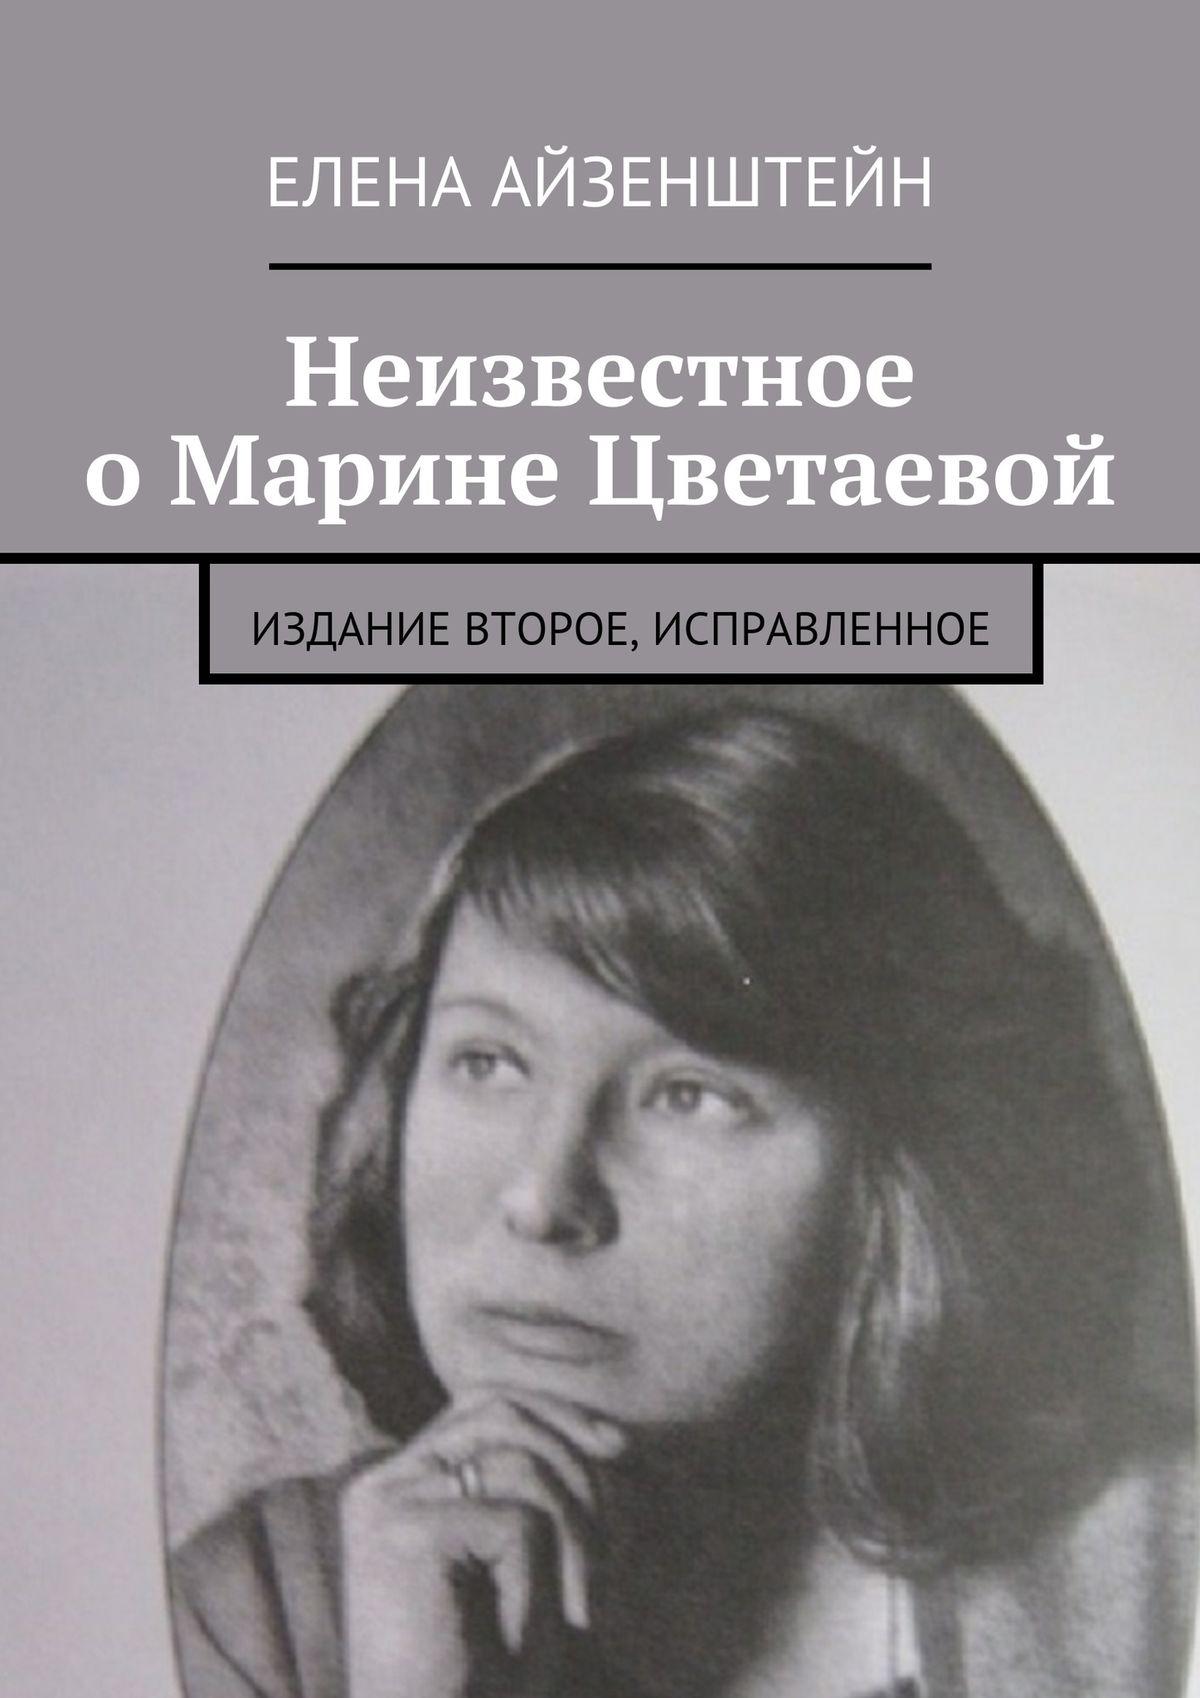 Неизвестное о Марине Цветаевой. Издание второе, исправленное